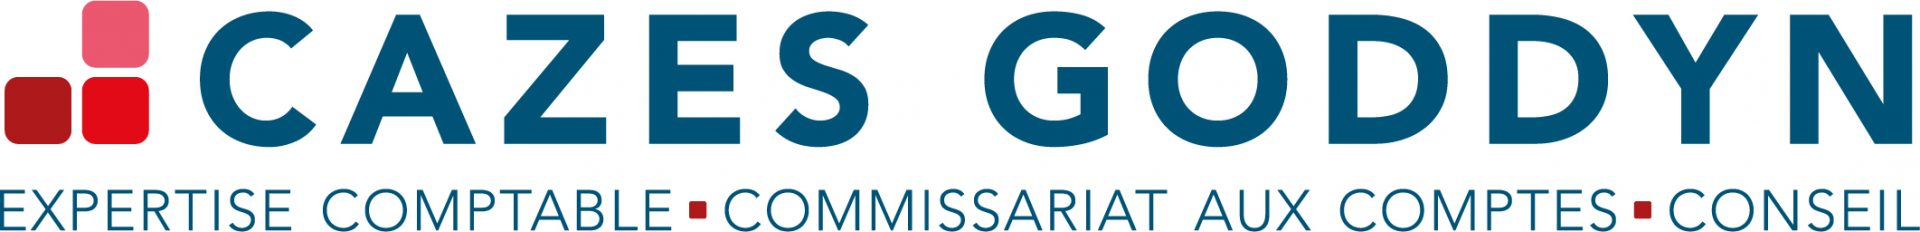 logo-cazes-goddyn-2020